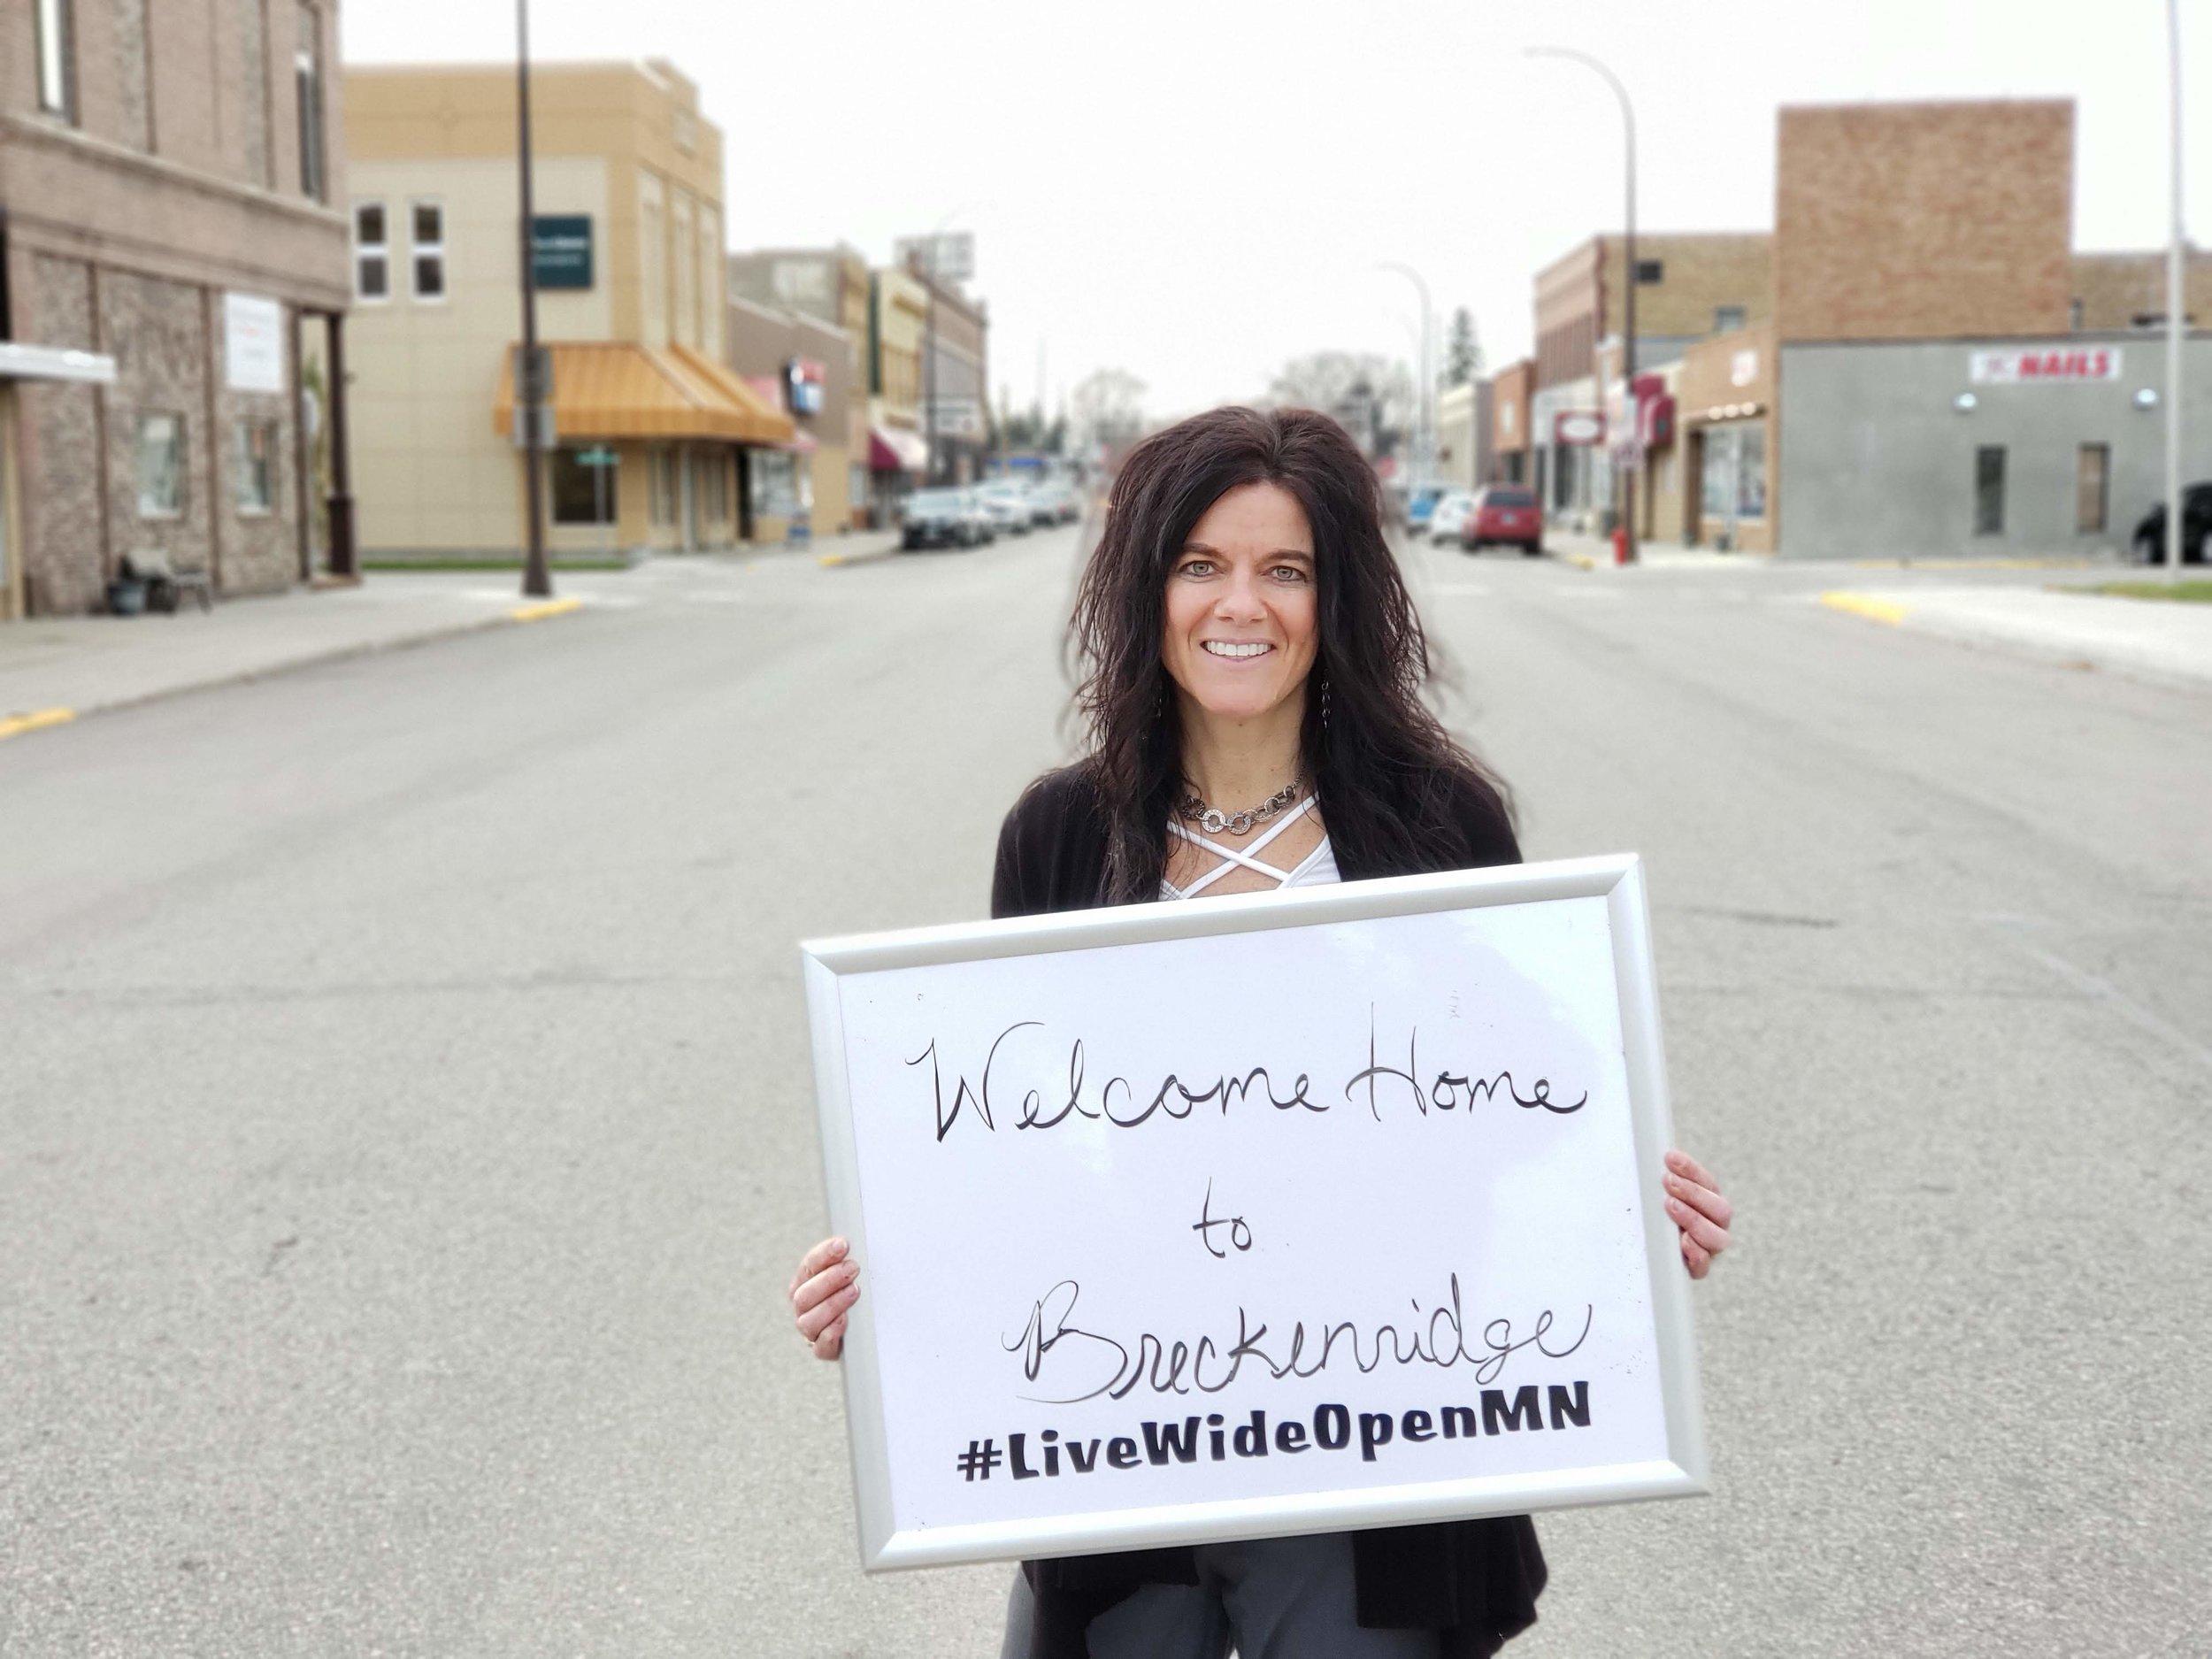 Breckenridge city administrator Renae invites you to check out Breckenridge and Wilkin County!